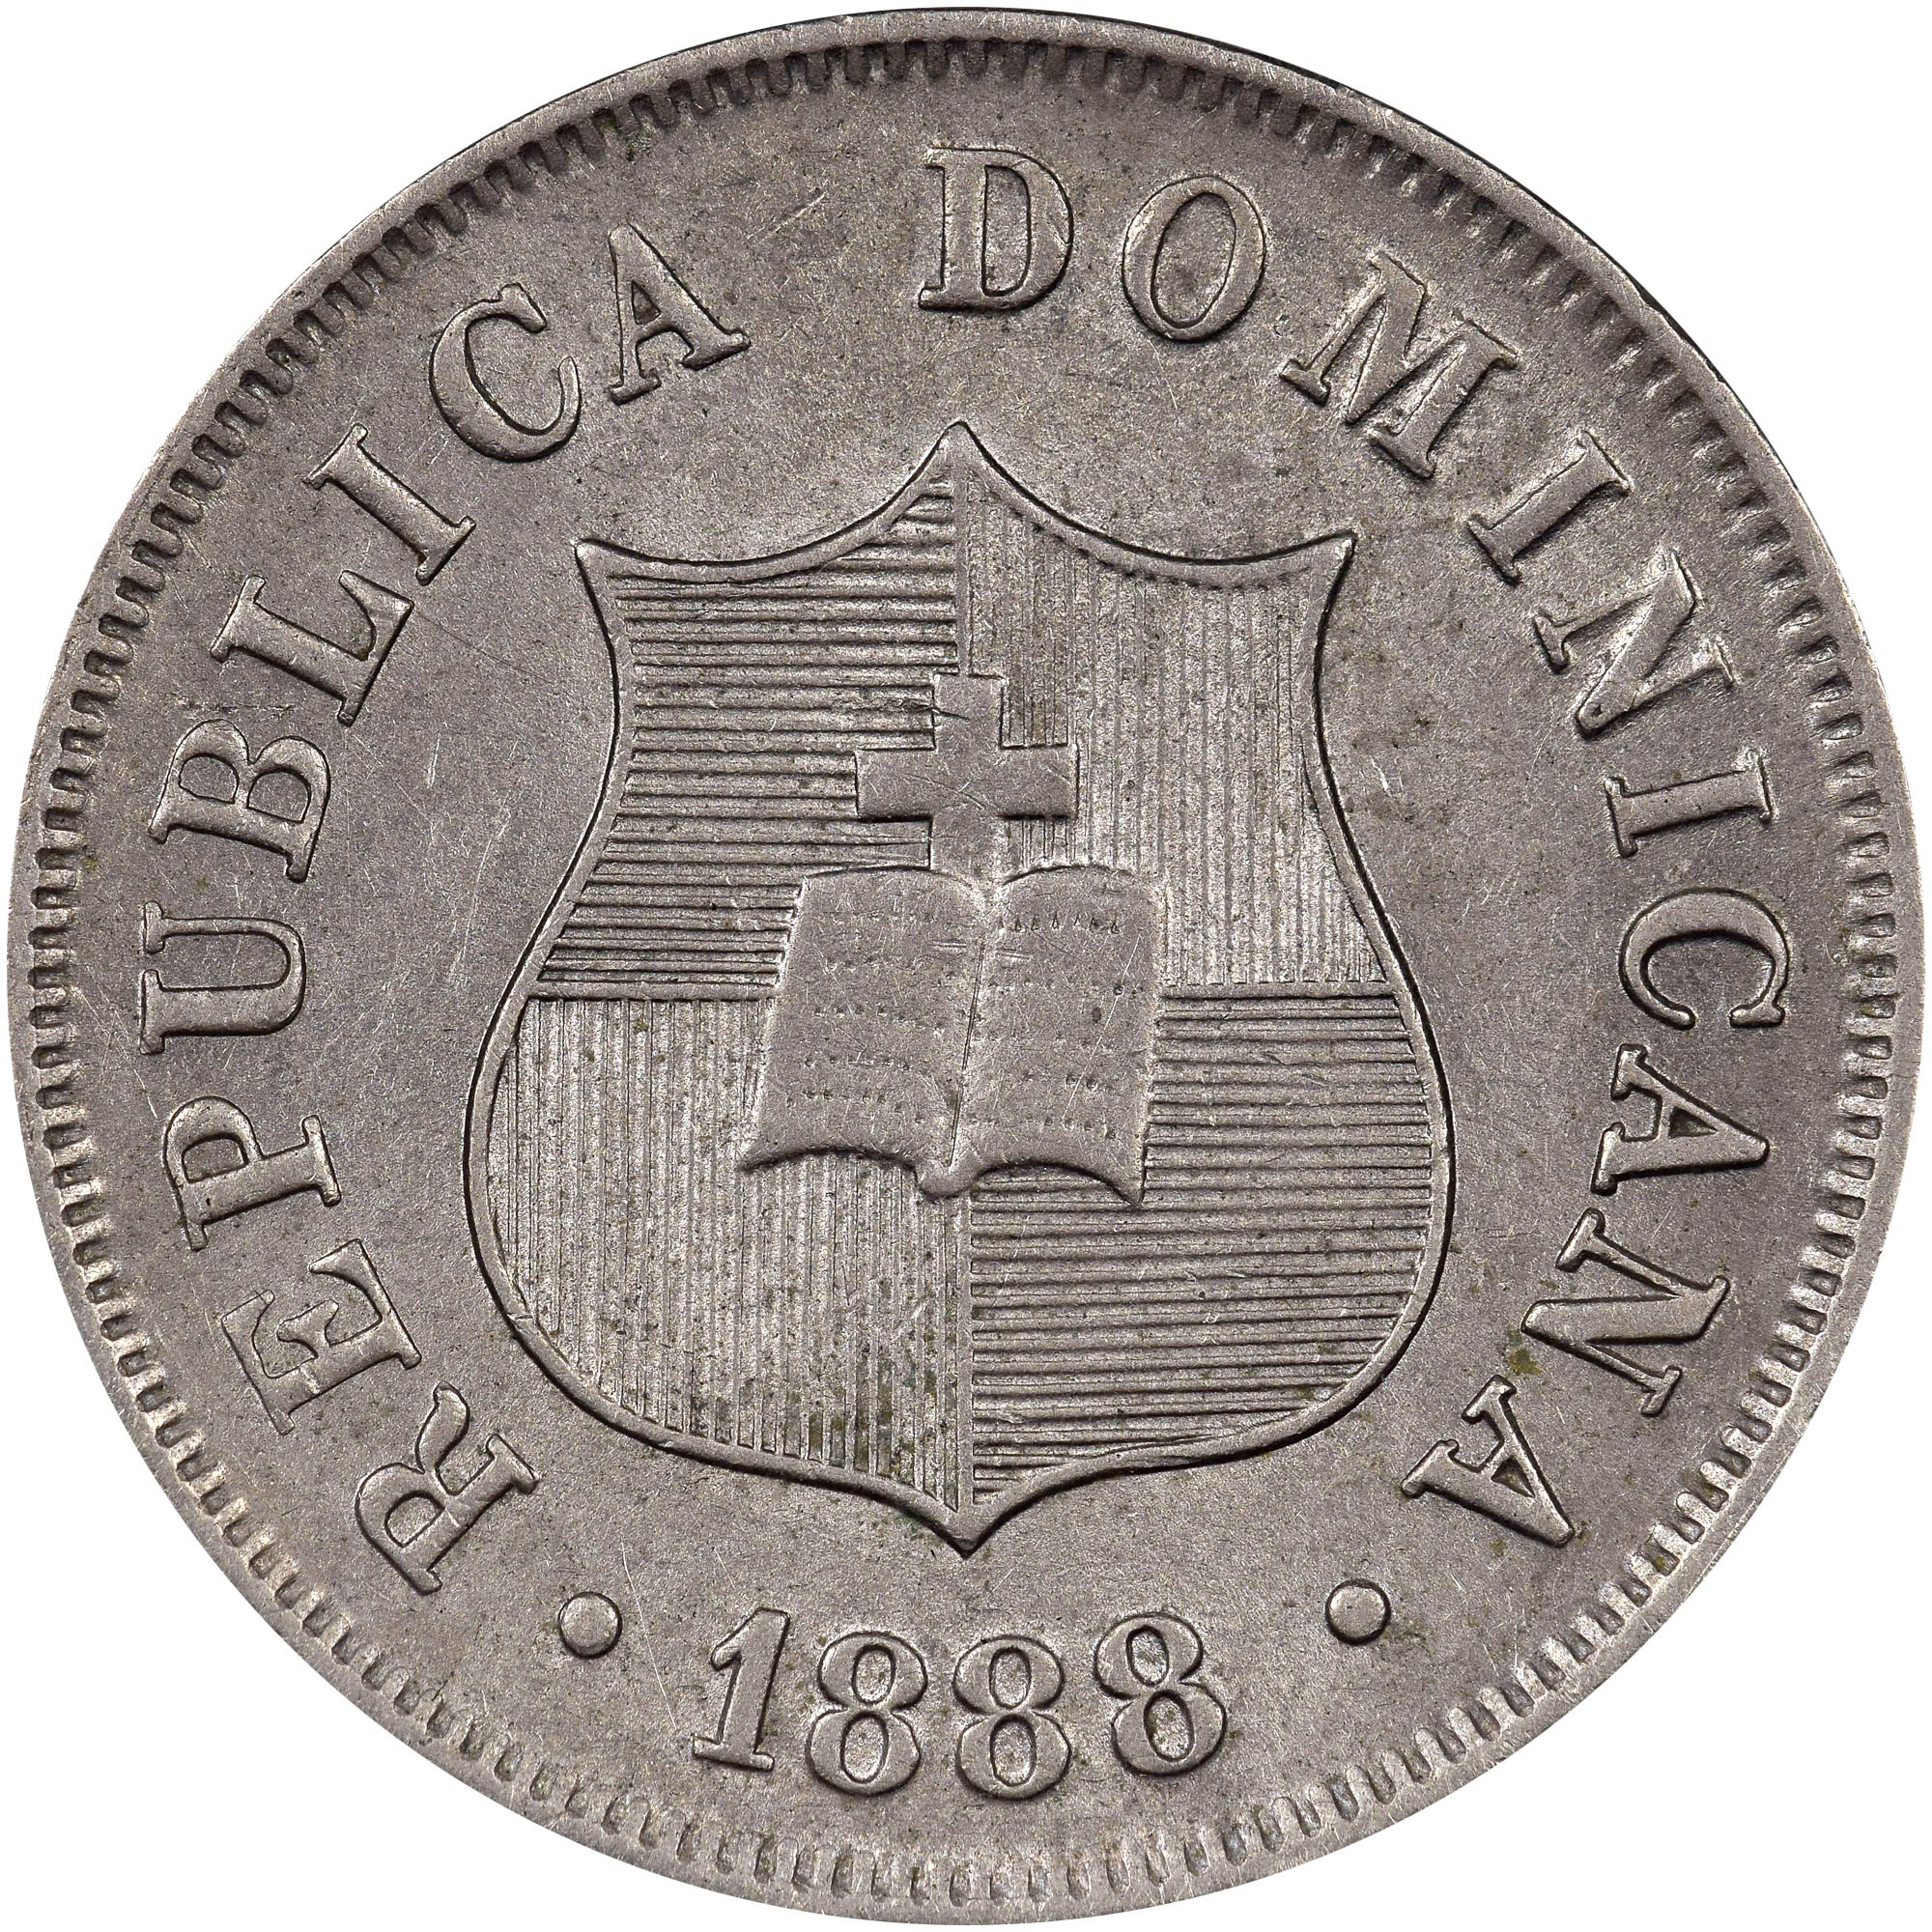 Dominican Republic 2-1/2 Centavos obverse